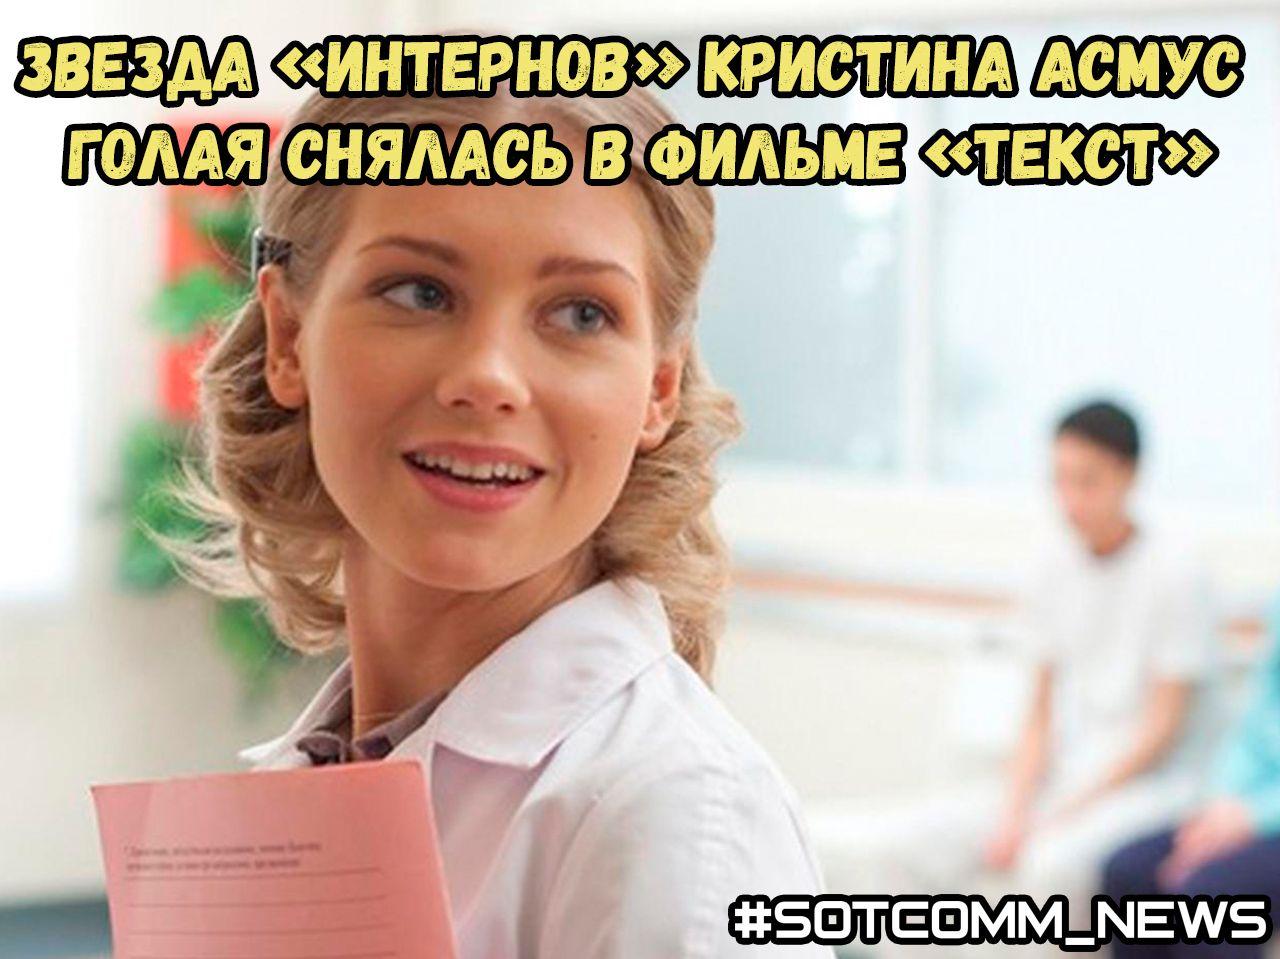 Звезда Интернов Кристина Асмус голая снялась в фильме Текст